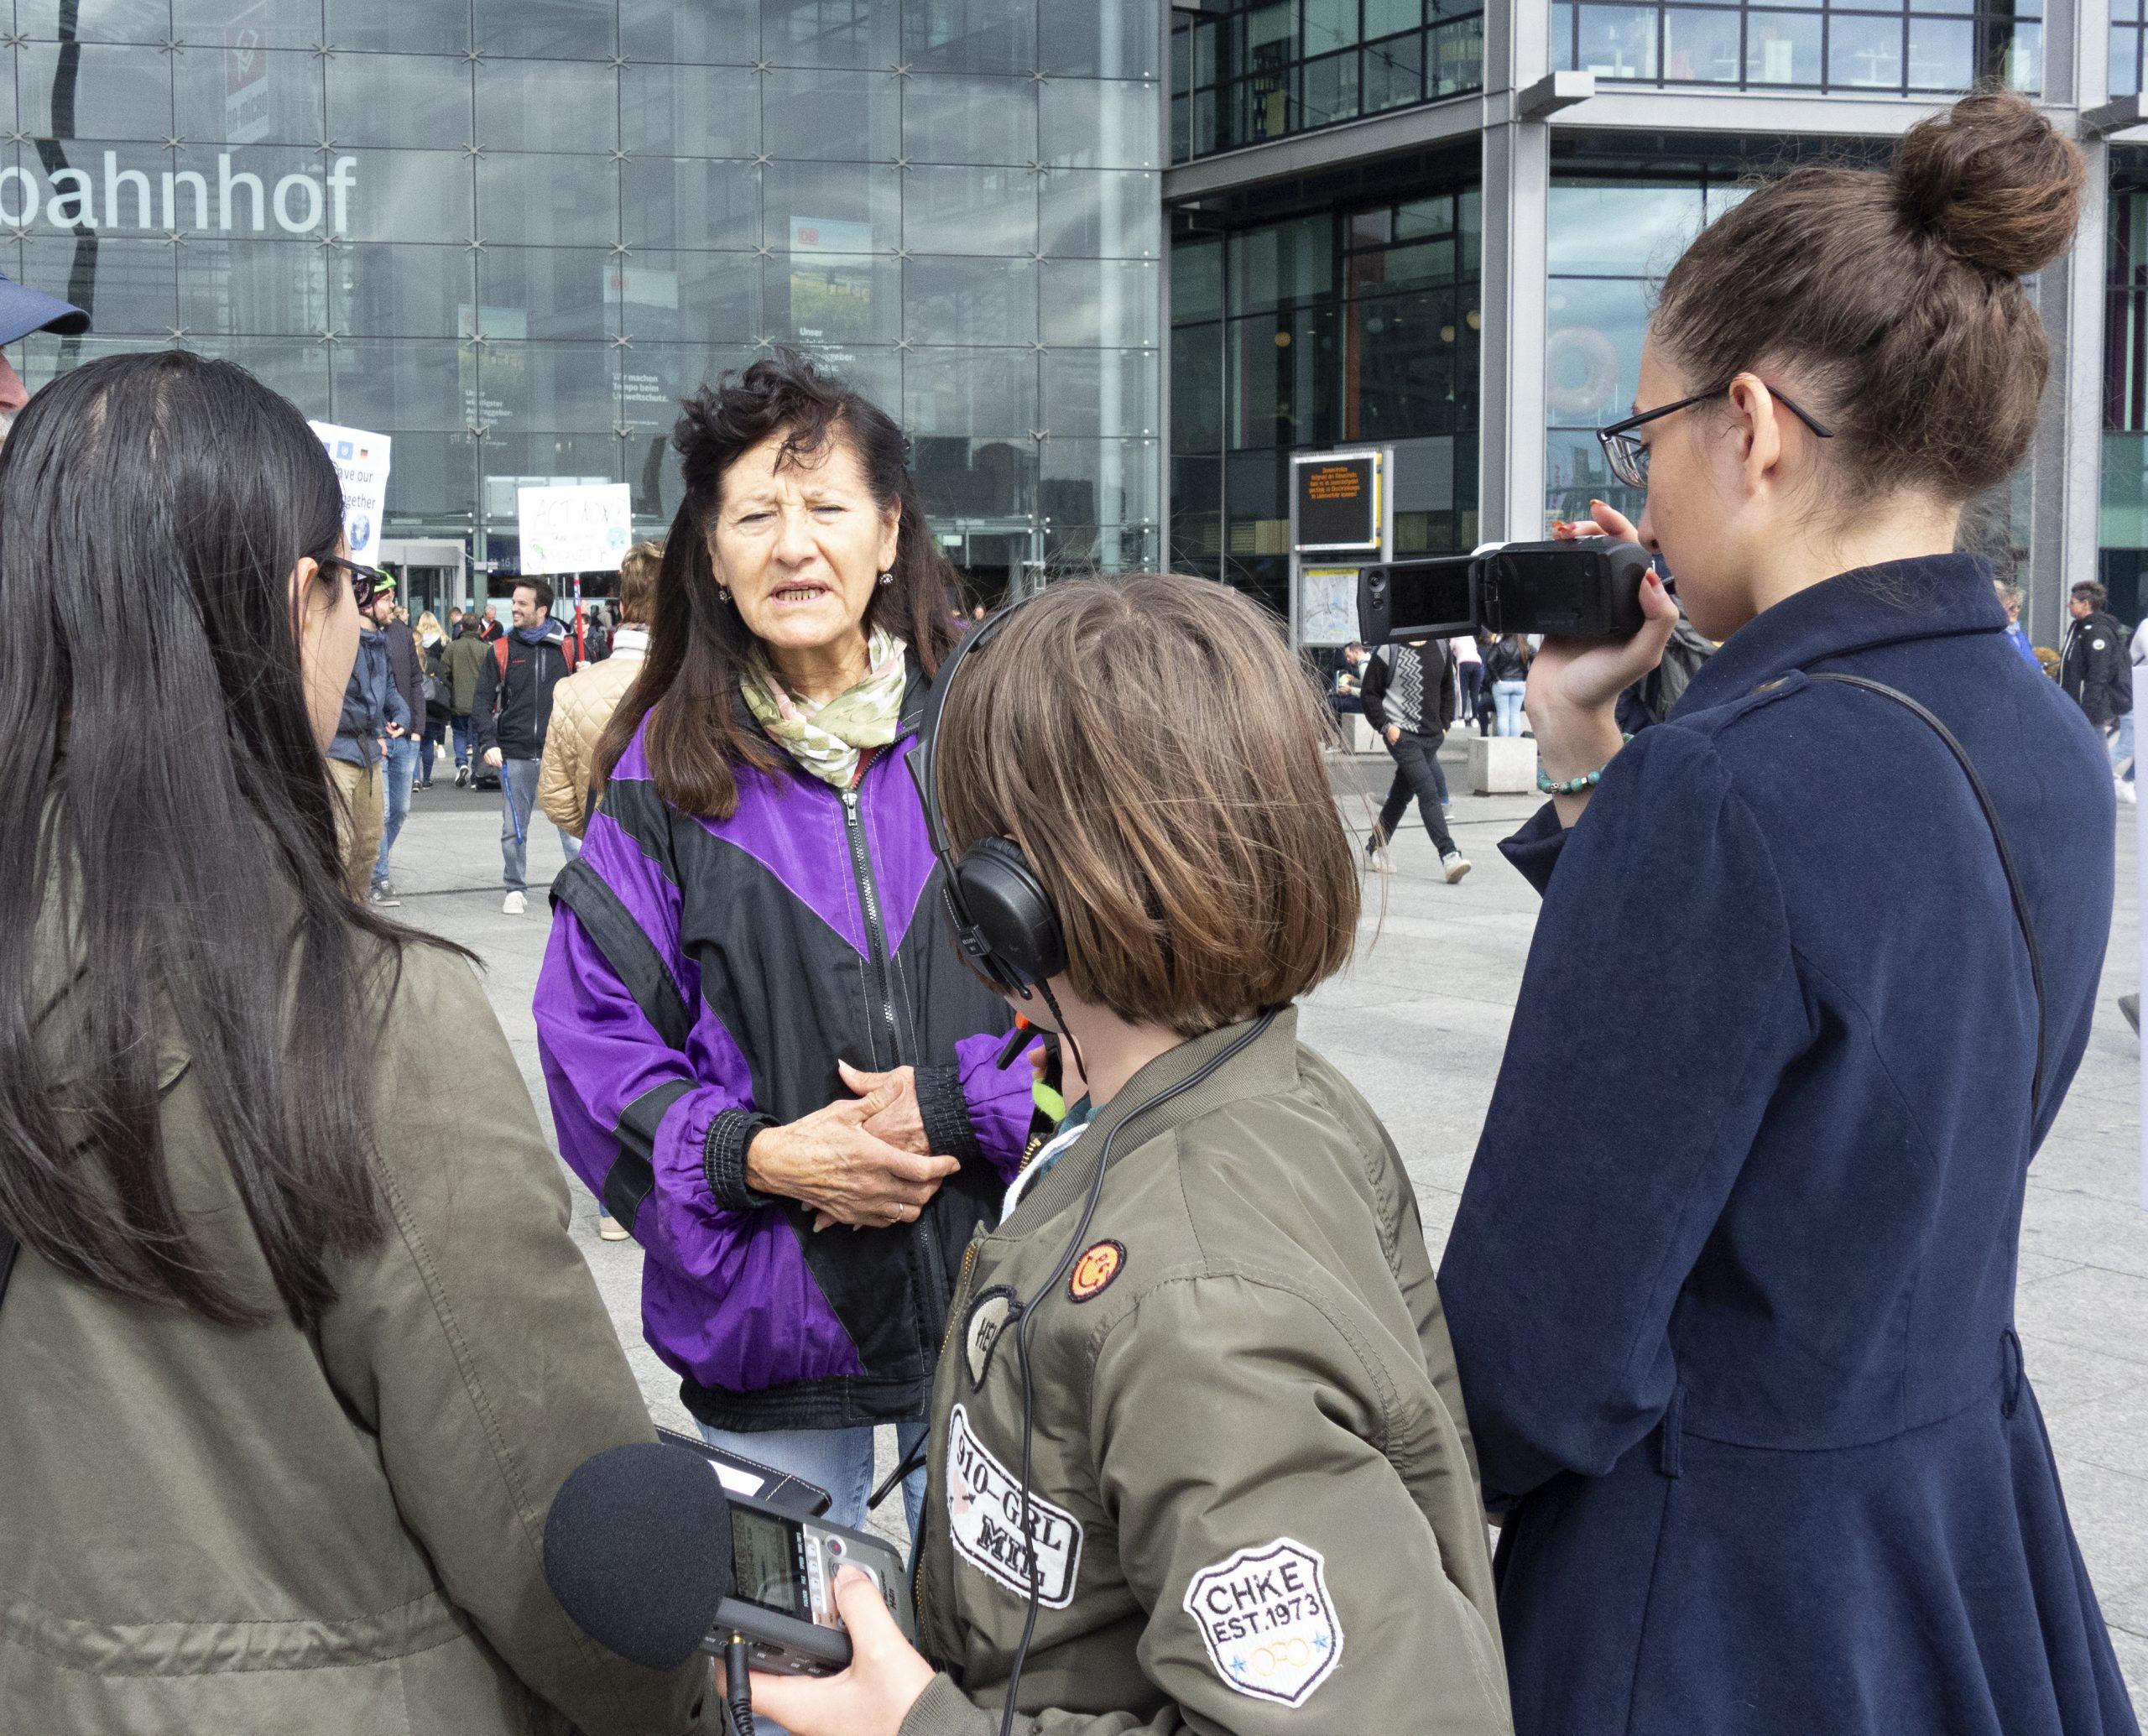 Drei junge Menschen mit Kamera und Mikrophone in der Hand interviewen eine Frau. Die Personen stehen vor dem Hauptbahnhof in Berlin.